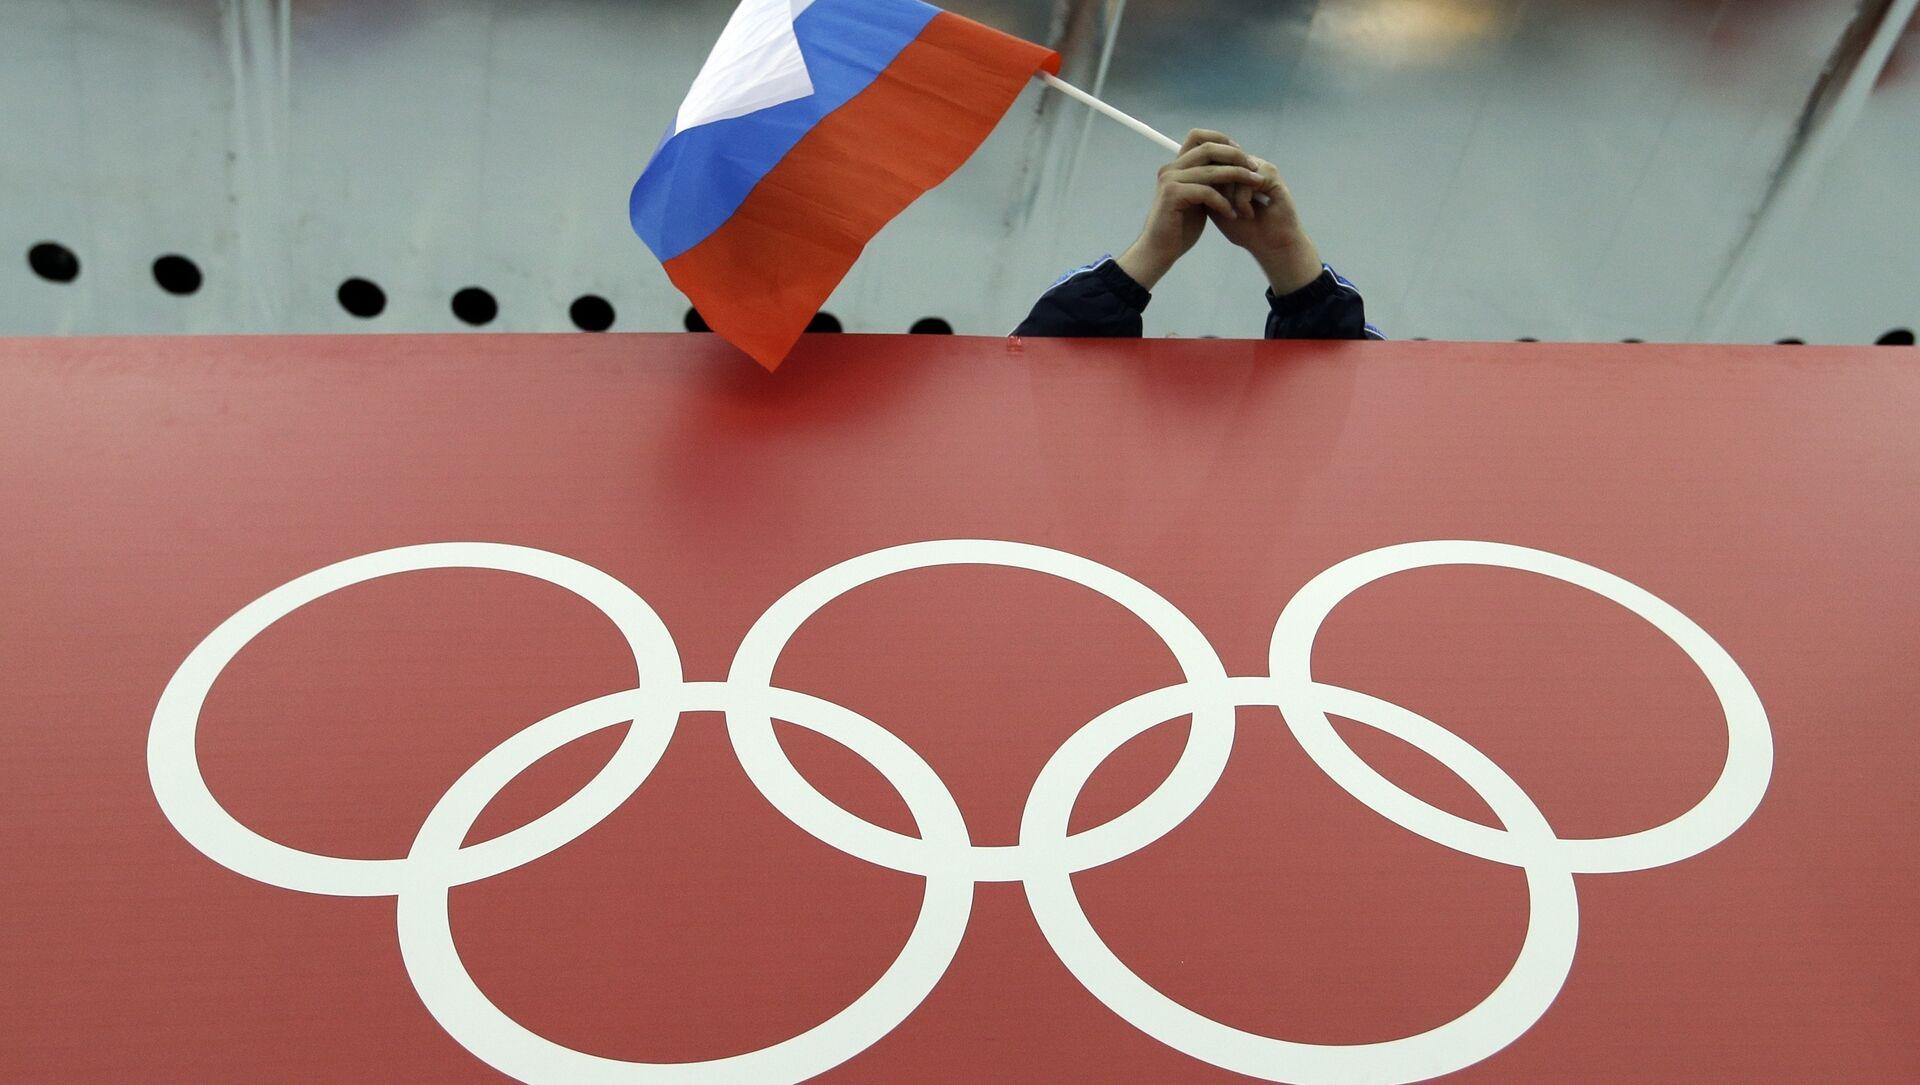 Rusya- Spor- Doping- Men - Sputnik Türkiye, 1920, 07.08.2021